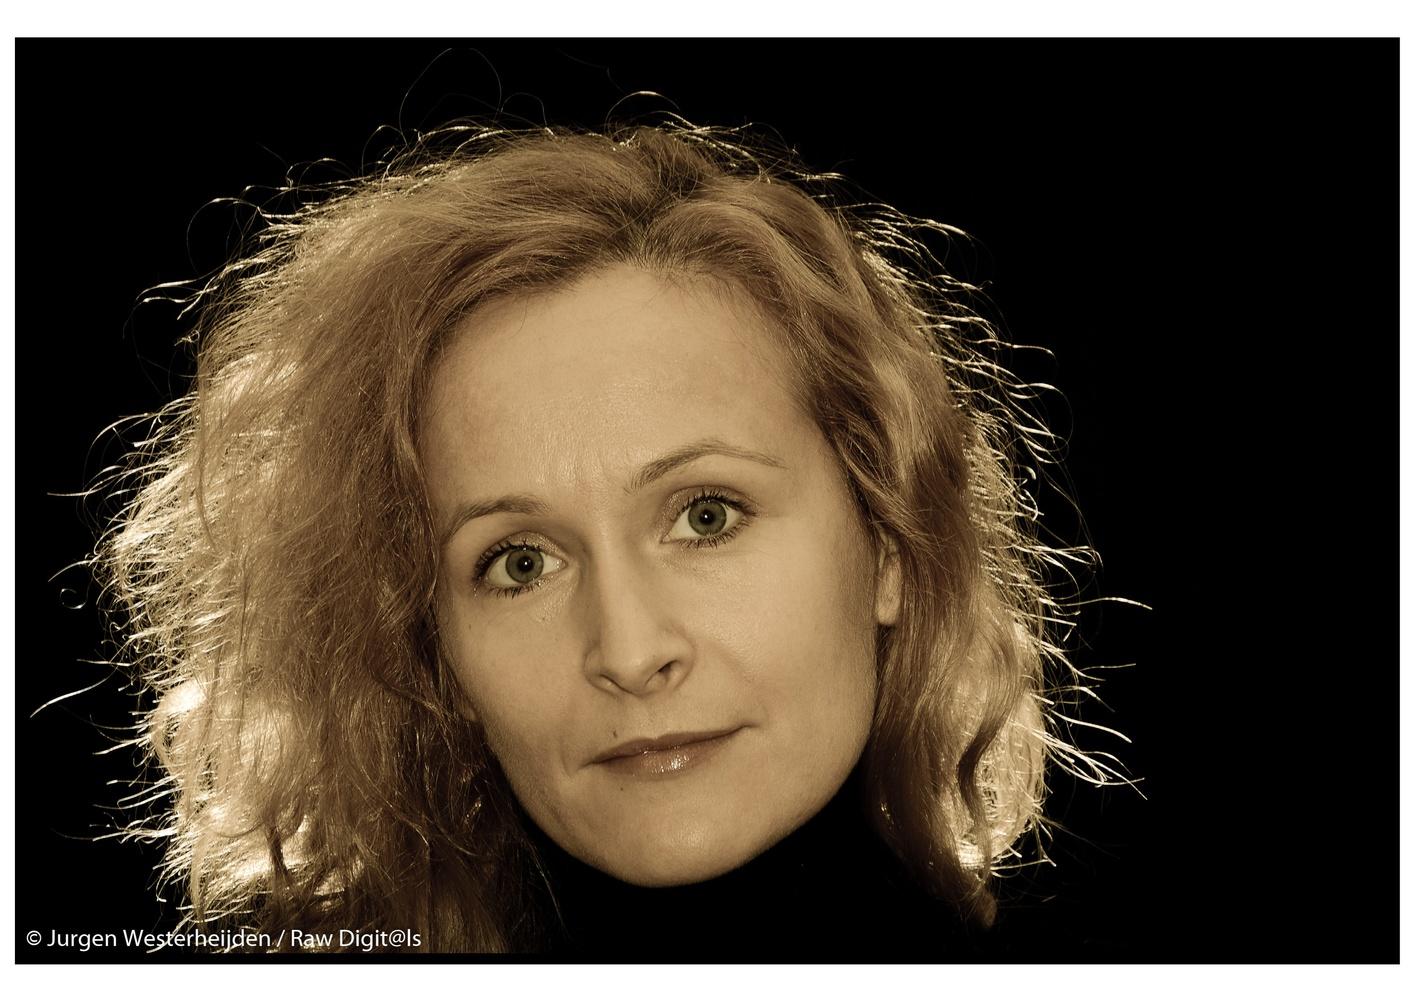 Pretty Woman by Jurgen Westerheijden